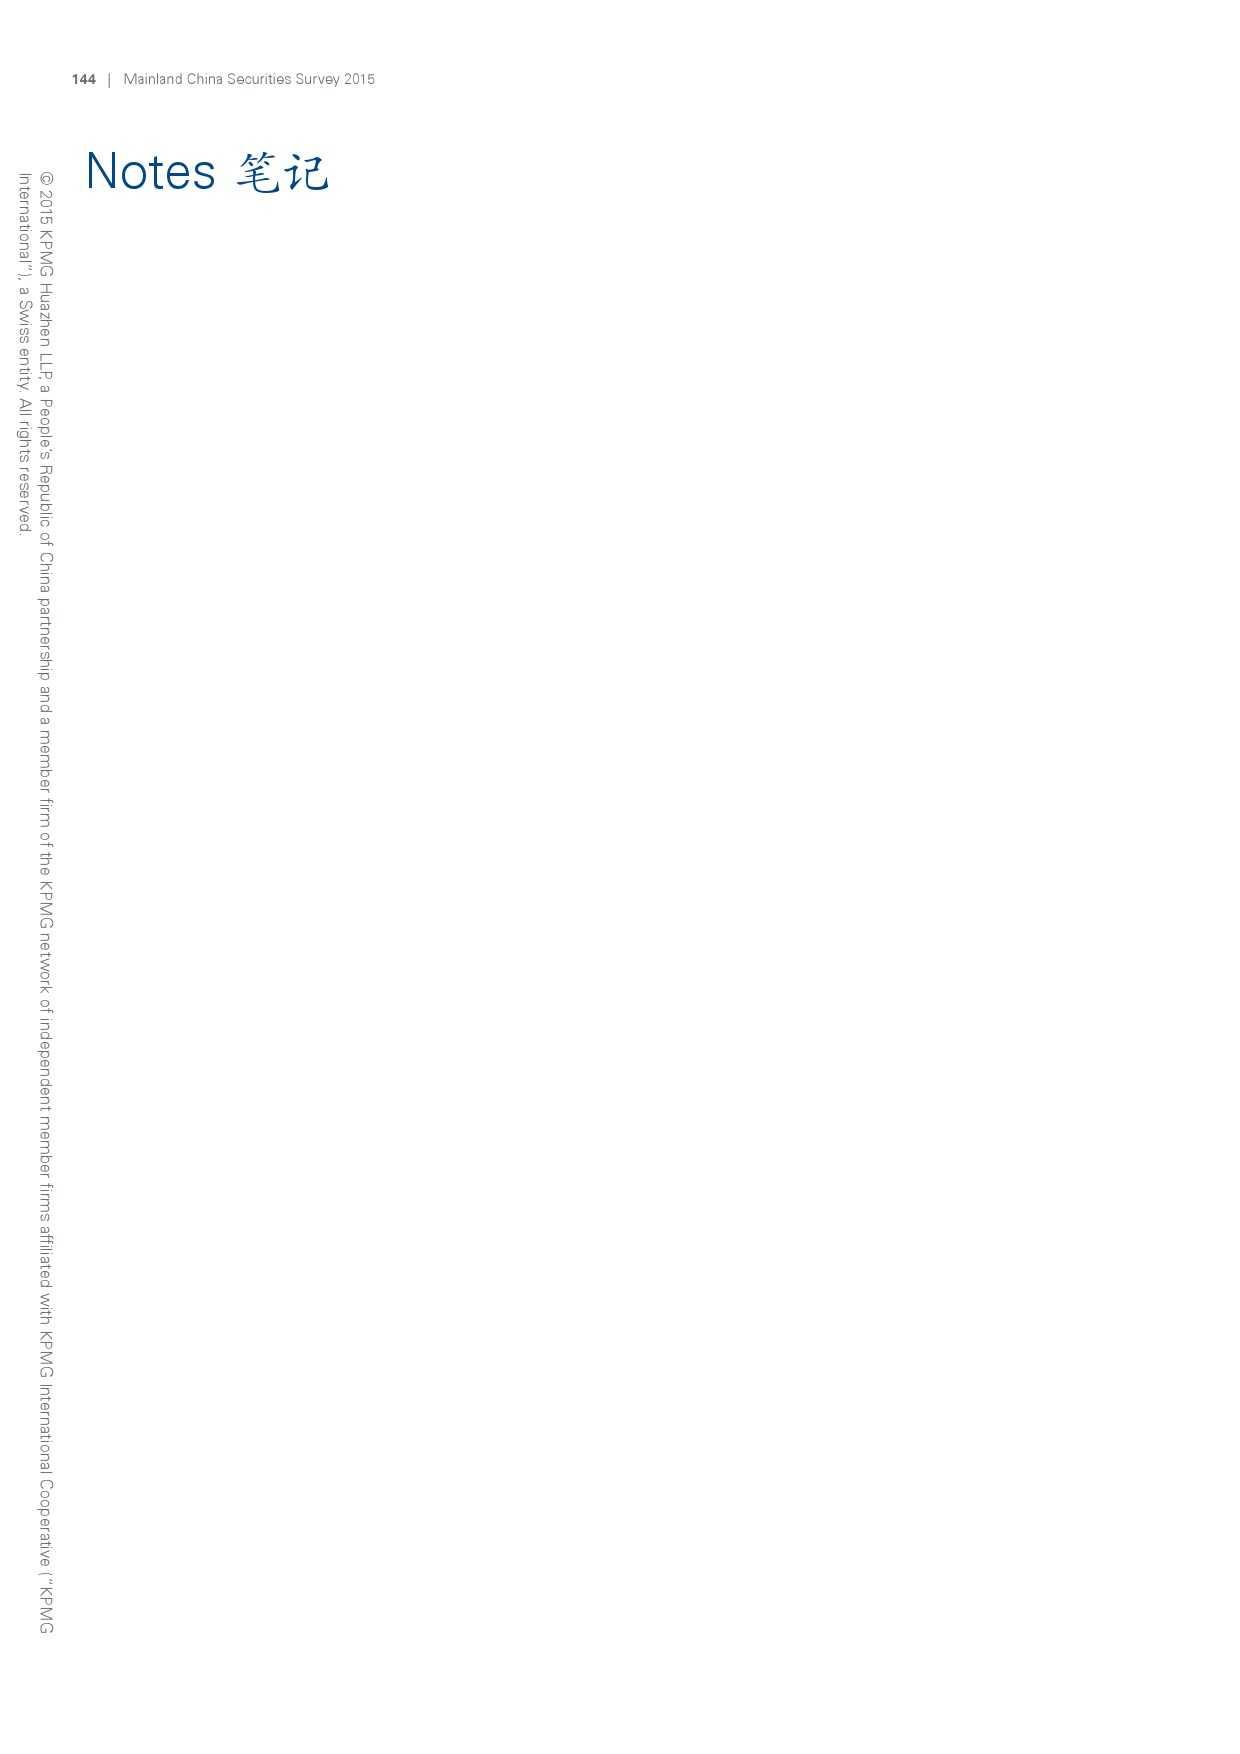 毕马威:2015年中国证券业调查报告_000146